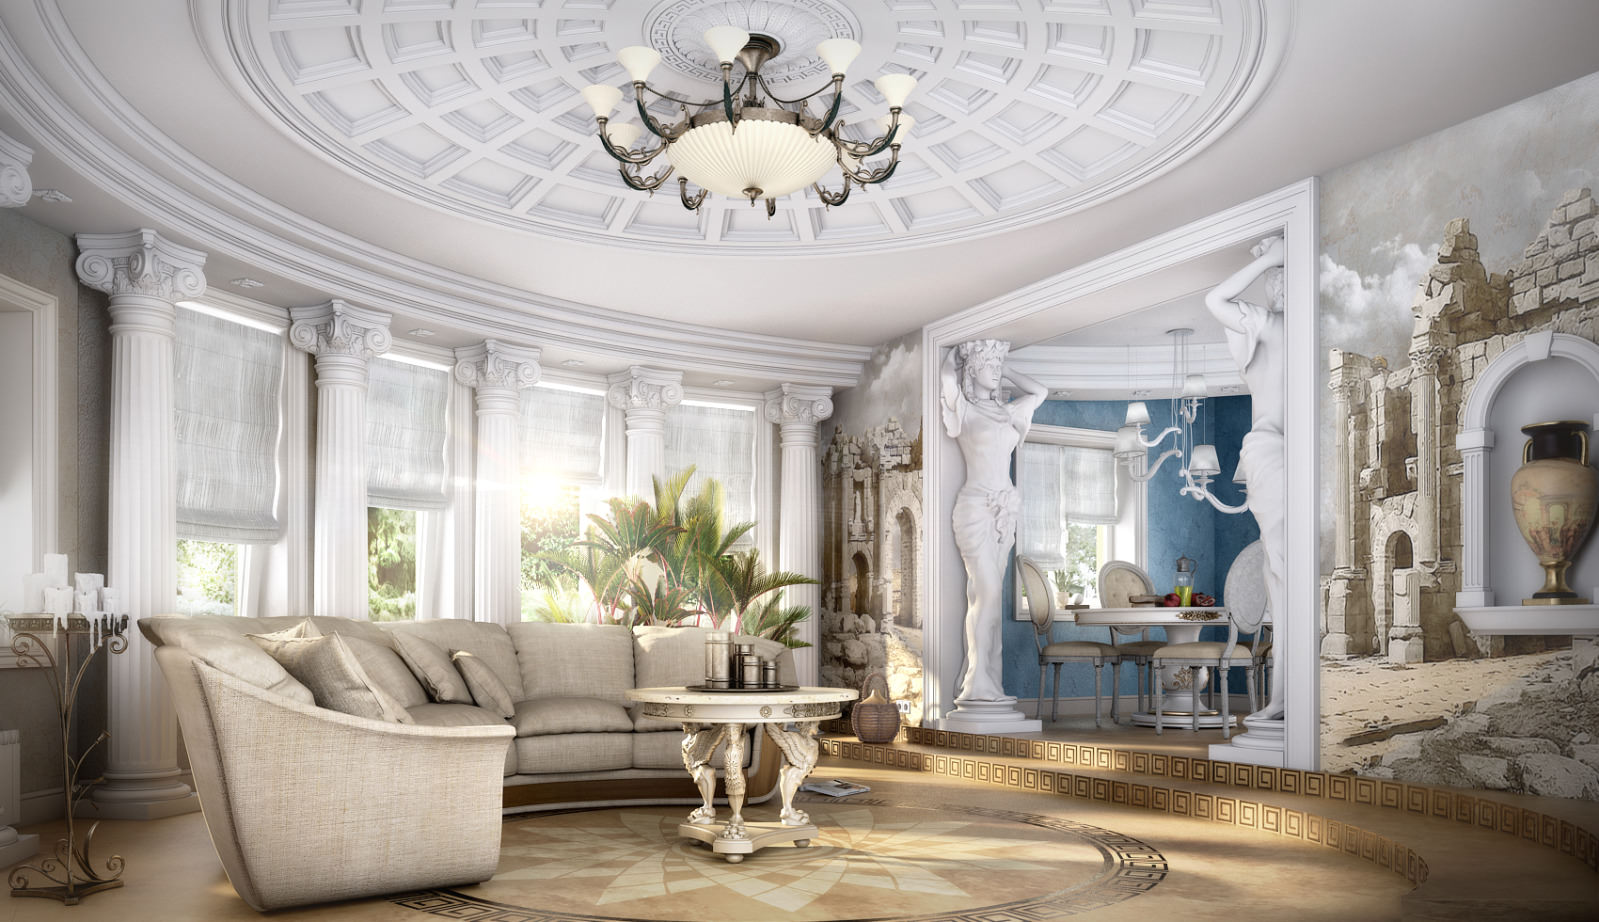 Средиземноморский стиль в архитектуре